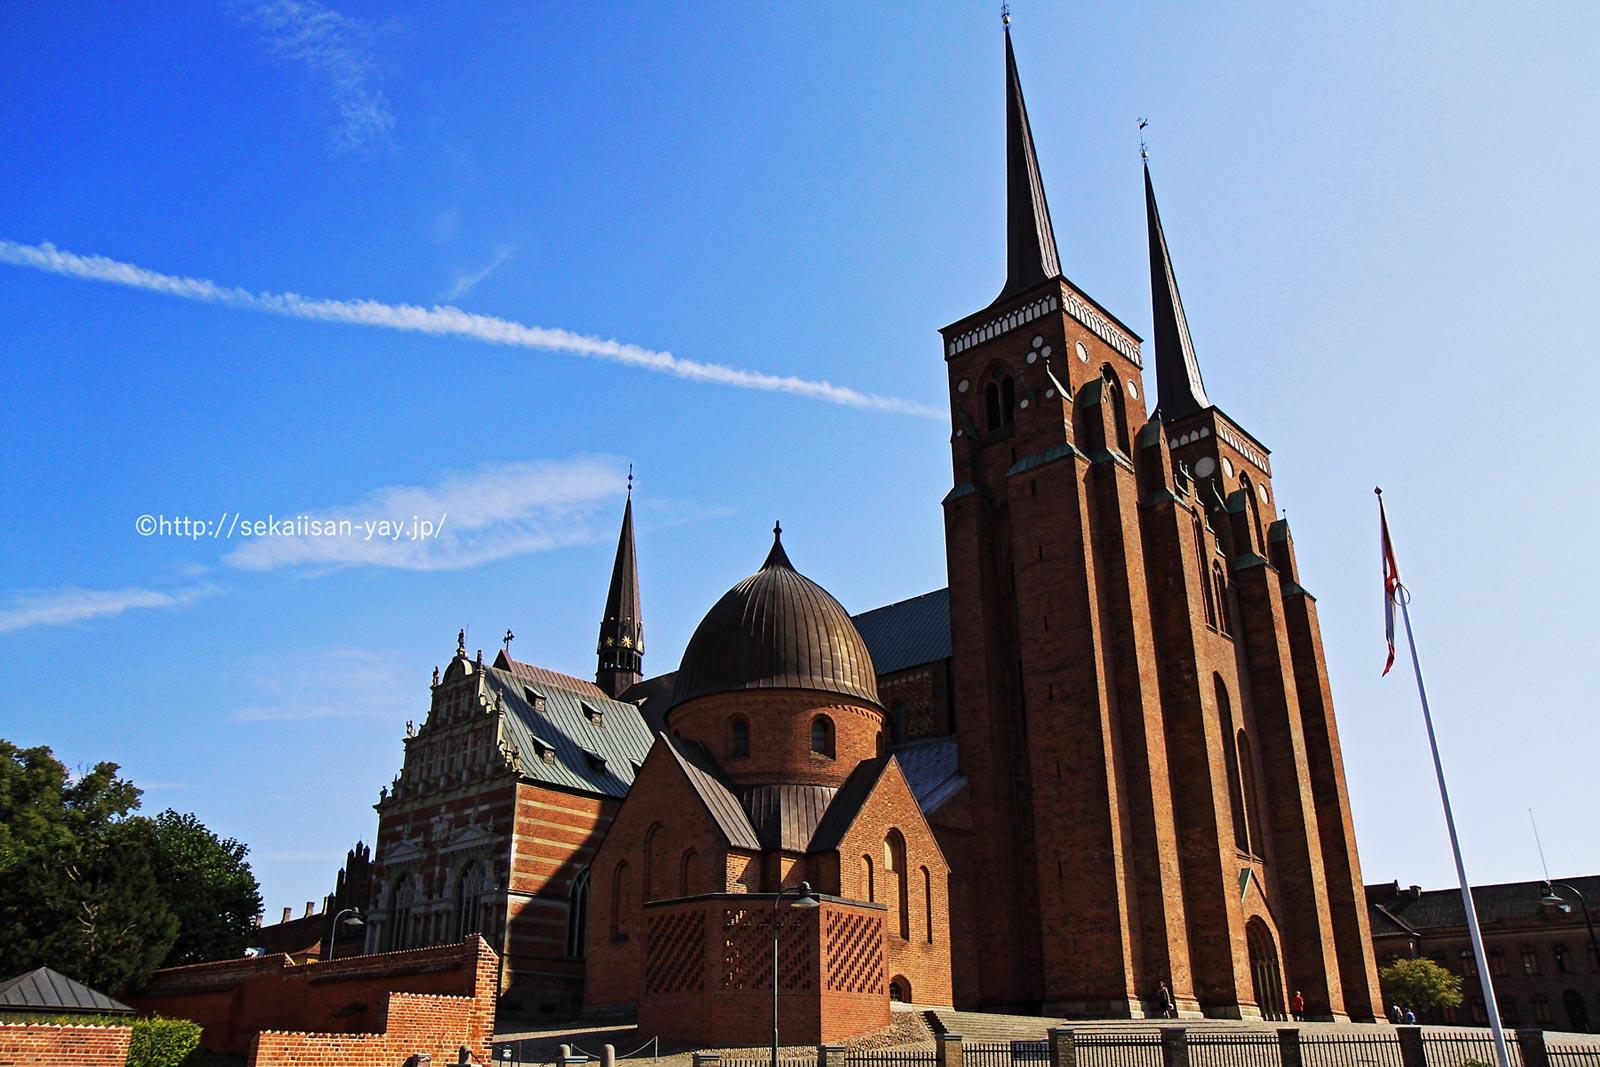 デンマーク「ロスキレ大聖堂」